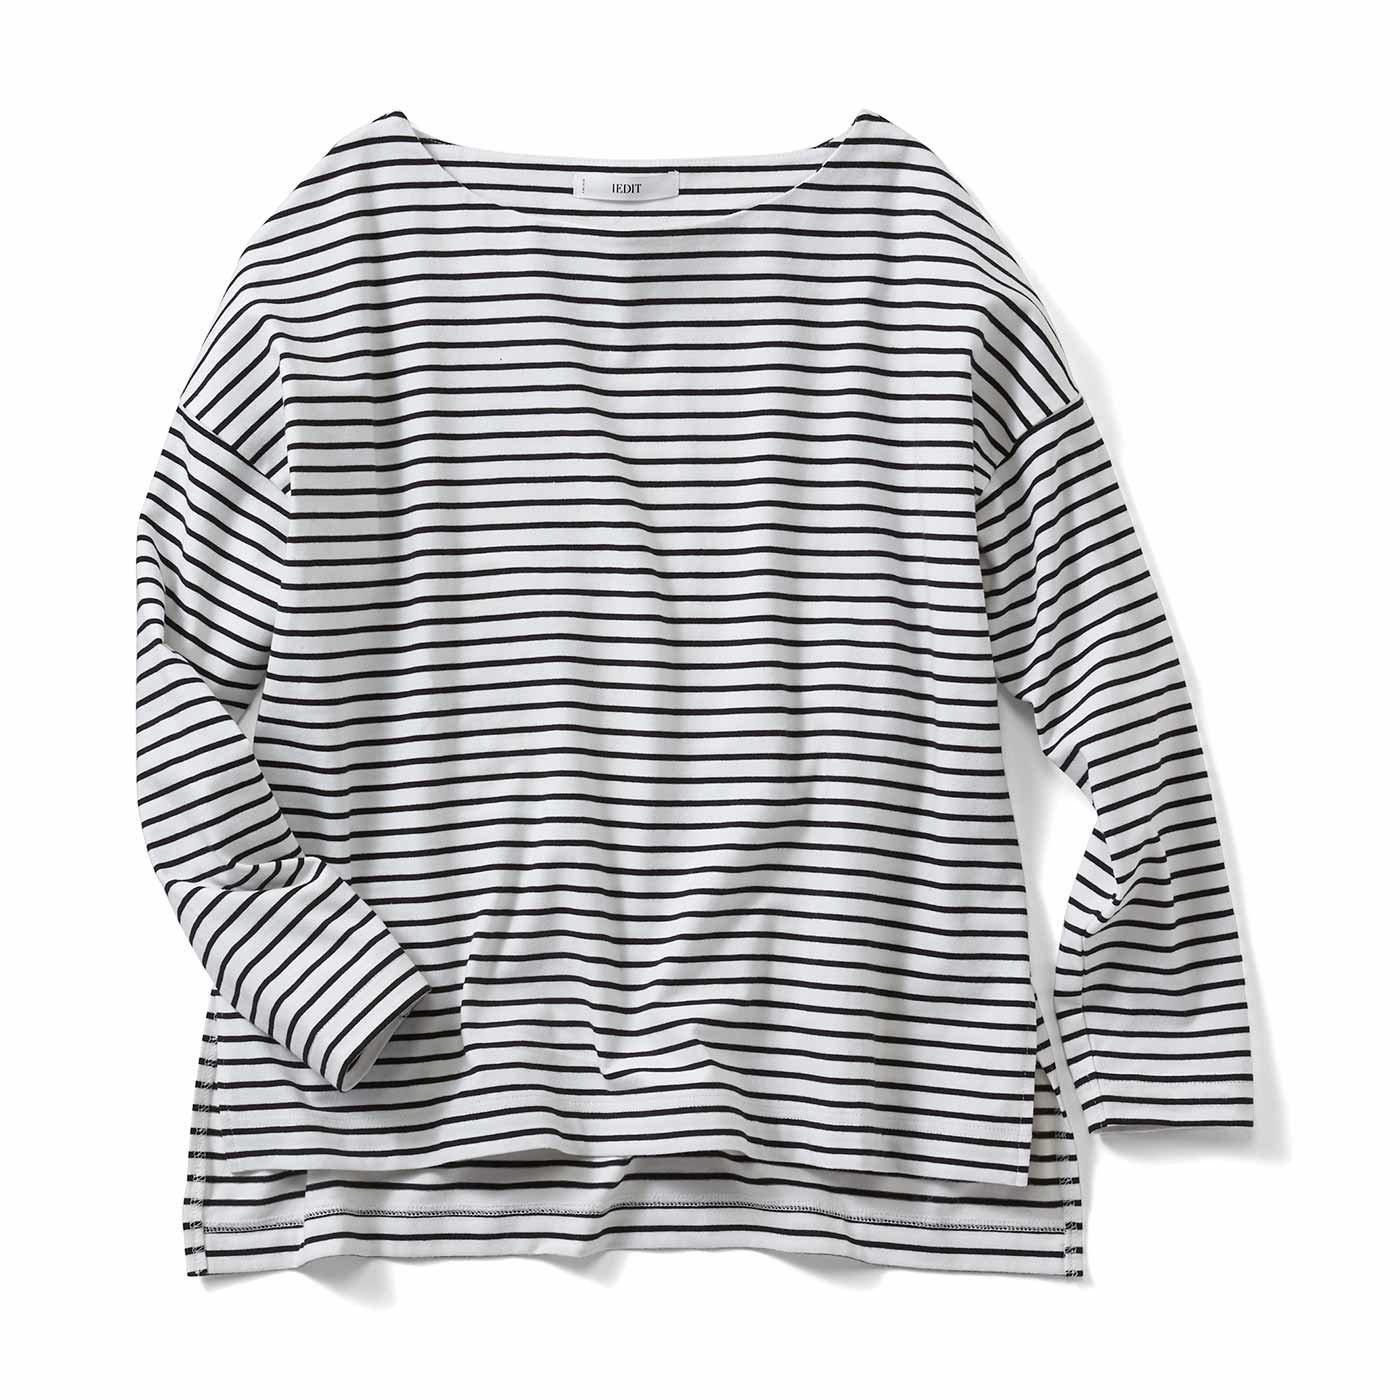 IEDIT[イディット] 福田麻琴さんコラボ ピッチにこだわった大人ゆるボーダーTシャツ〈ブラック×ホワイト〉